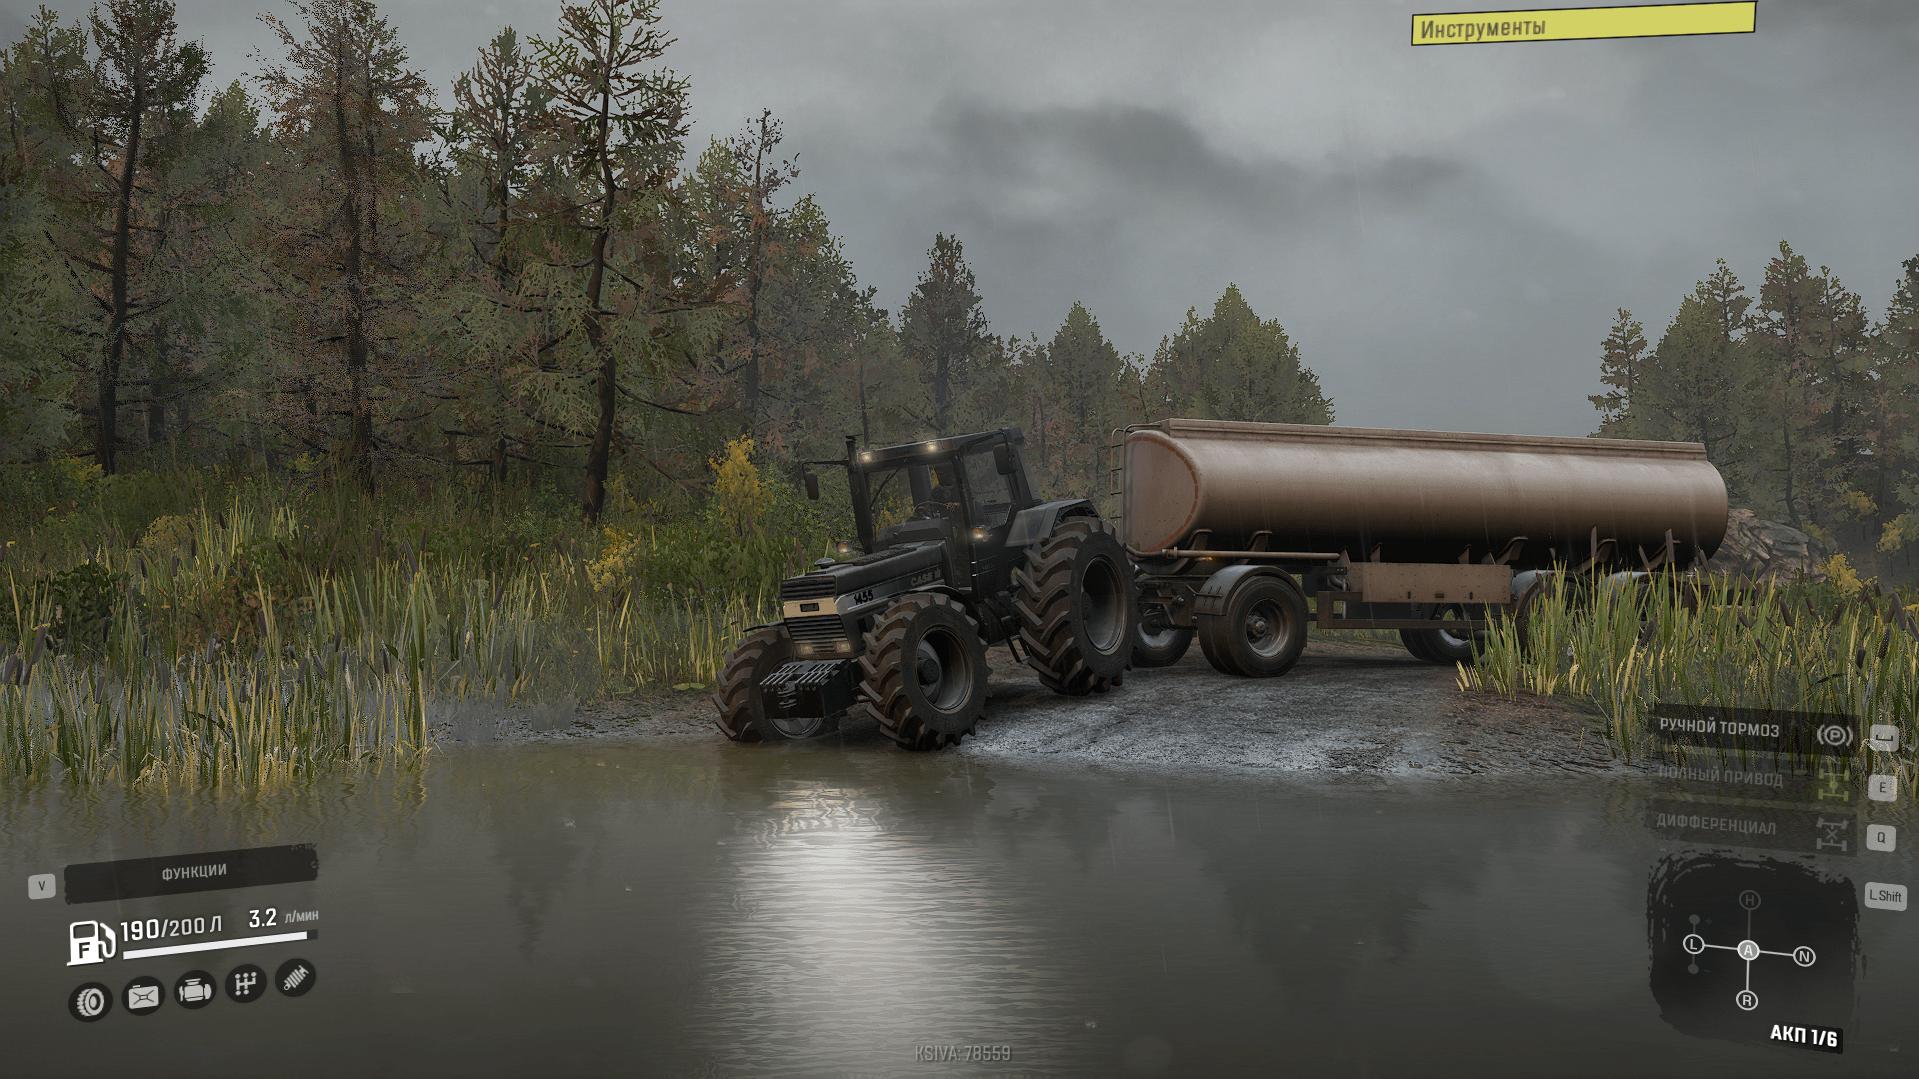 SnowRunner - Case Ih 1455 XL Tractor